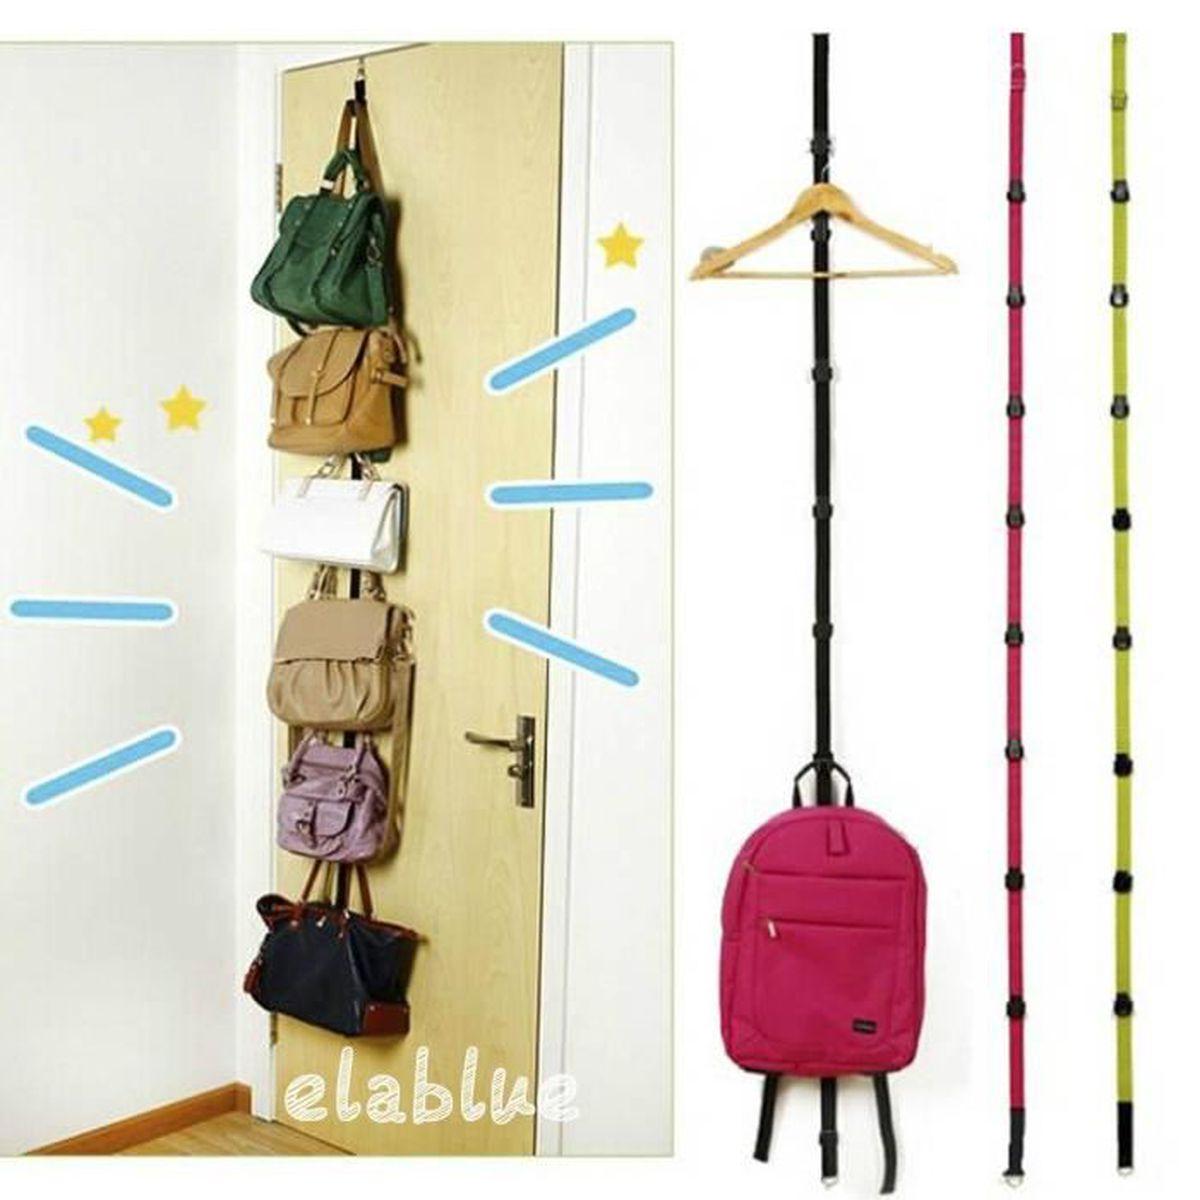 newcomdigi suspension chapeau et sac porte manteaux 8 crochets de rangement achat vente. Black Bedroom Furniture Sets. Home Design Ideas